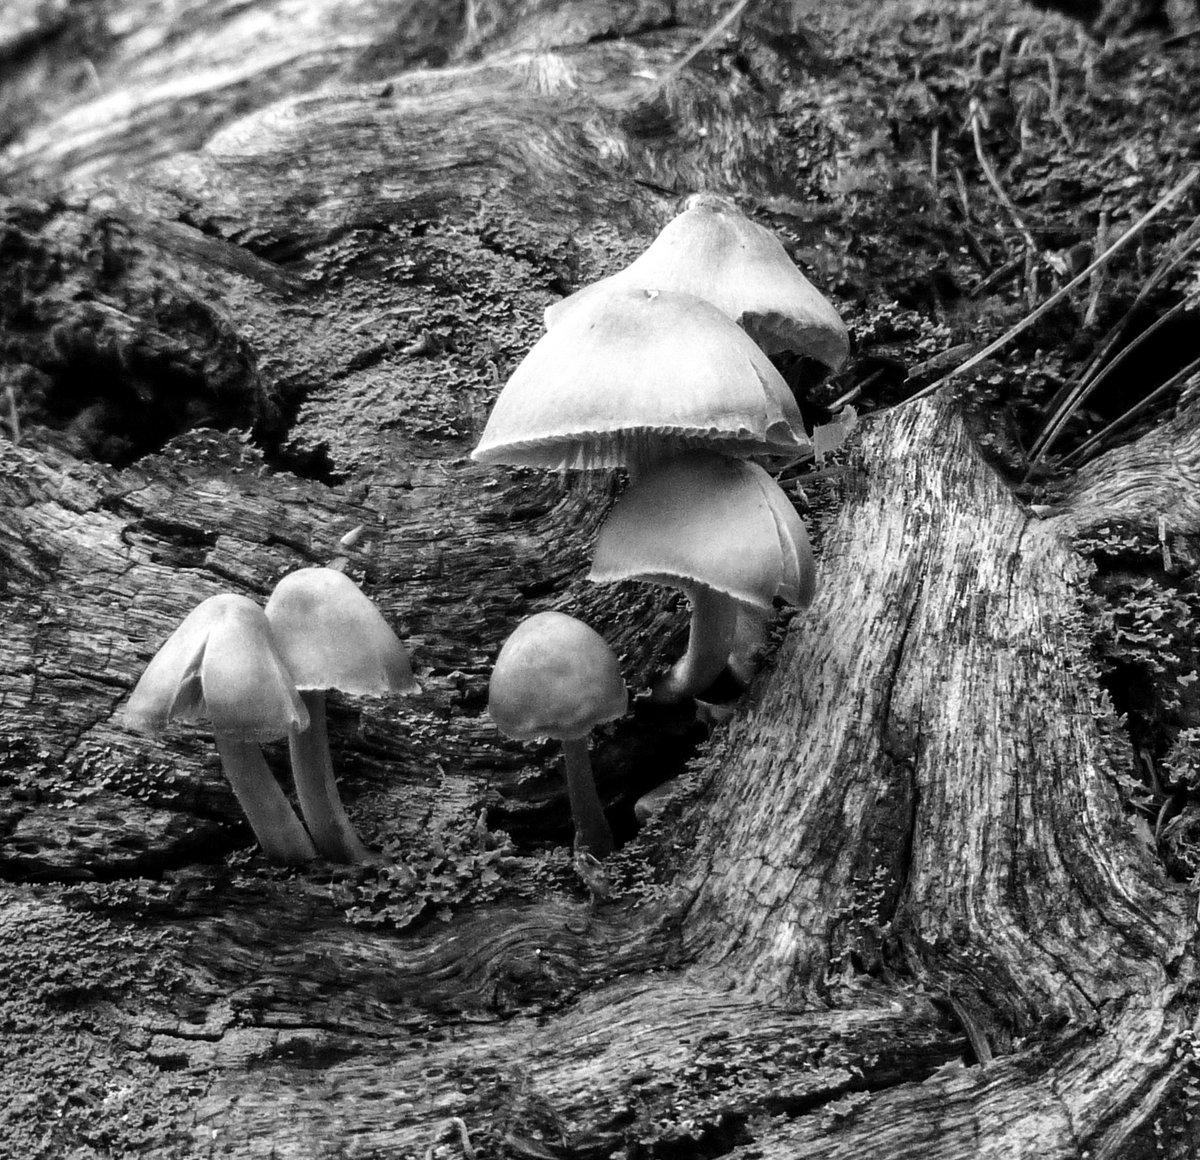 6. Mushrooms on a Log